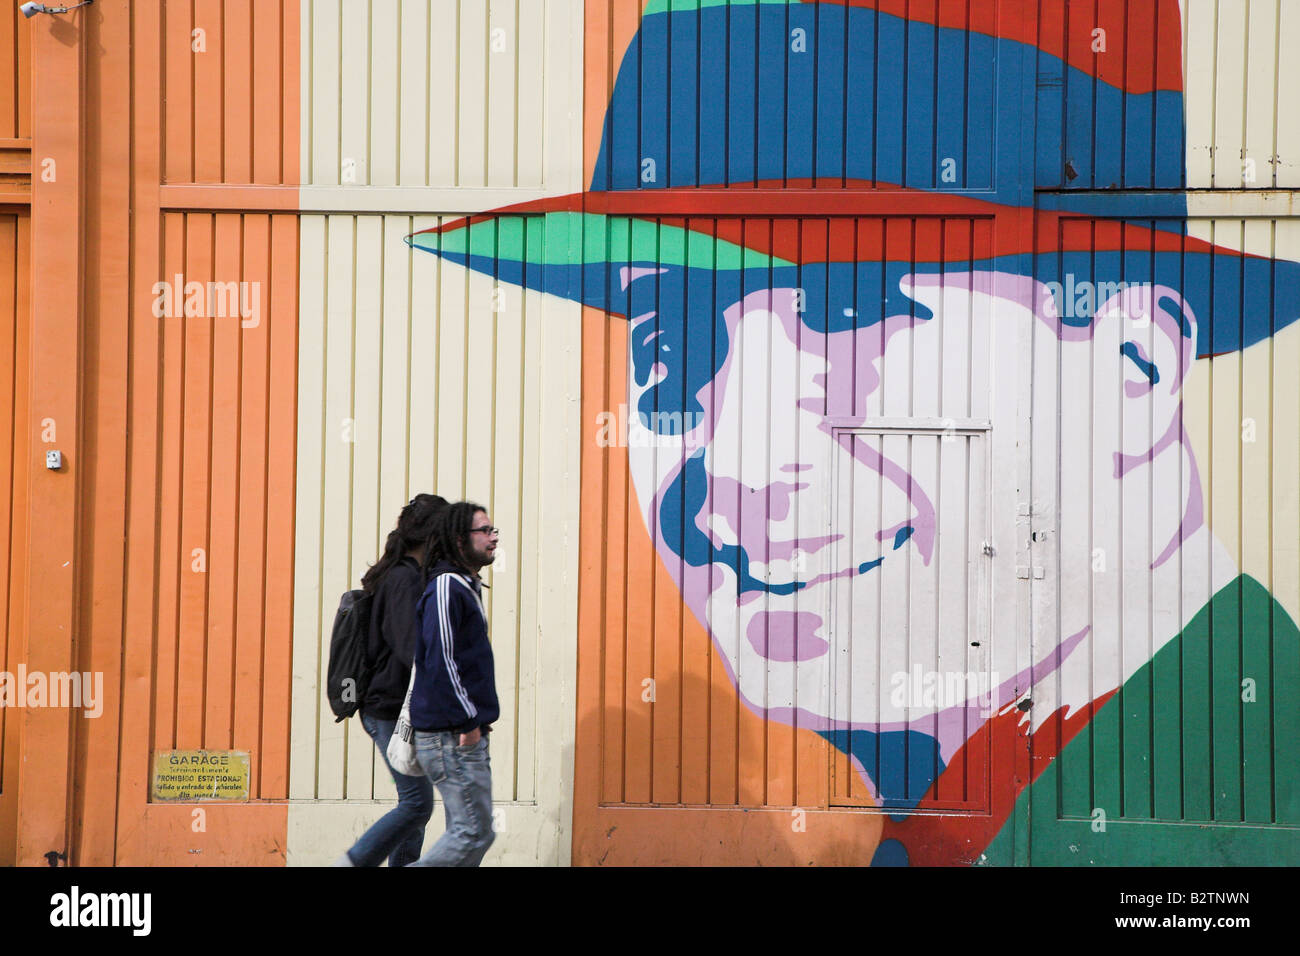 Straße Malerei der berühmte Tango-Sänger Carlos Gardel im Bereich Abasto von Buenos Aires in Argentinien. Stockbild